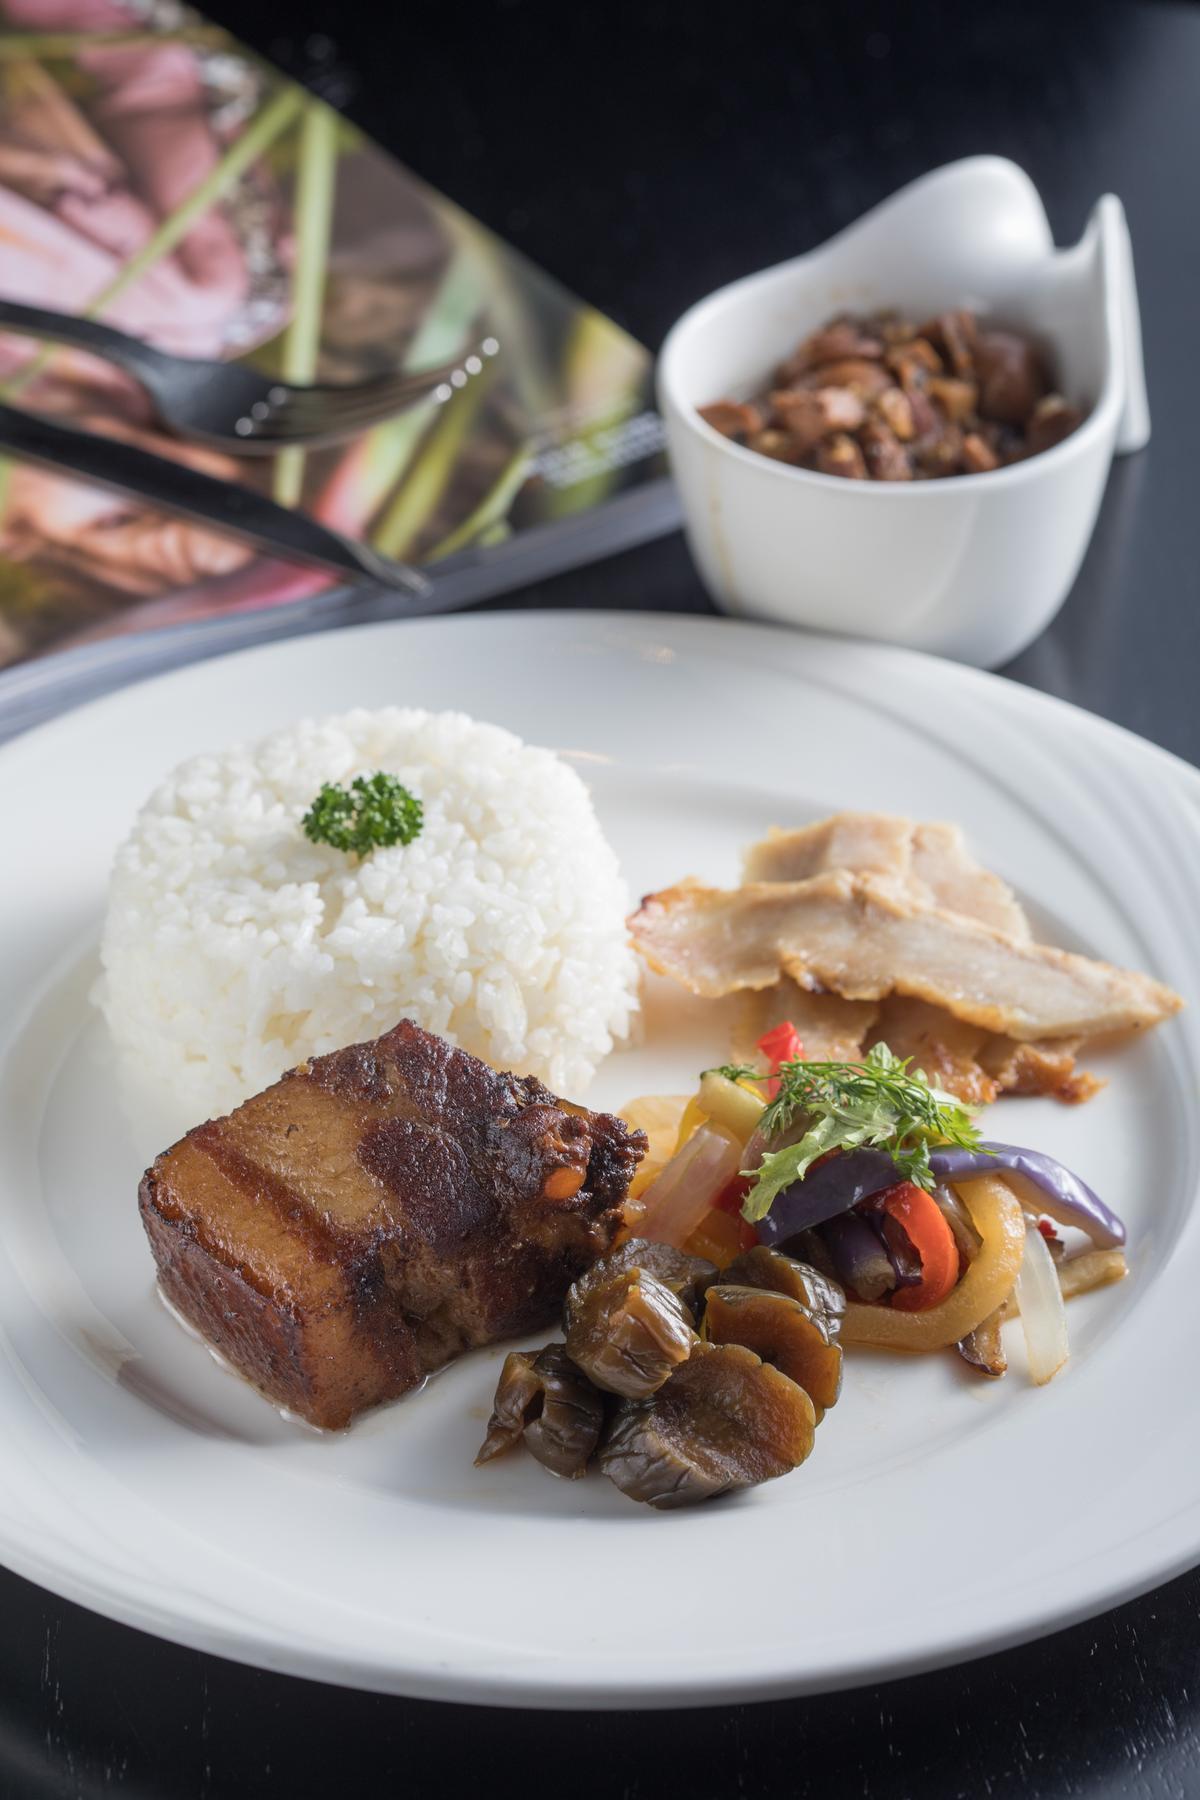 Bar 21也提供餐點,「松露燉煮盤克夏黑豬五花佐香米」腔肉香潤,還加入橙汁以果香解膩。(450元/份)